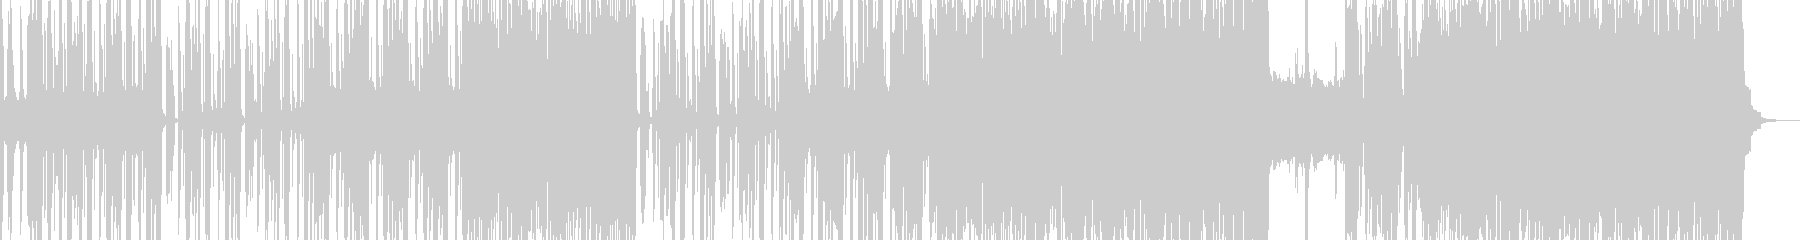 怪しげで恍惚なエスニックロック ボイス有の未再生の波形